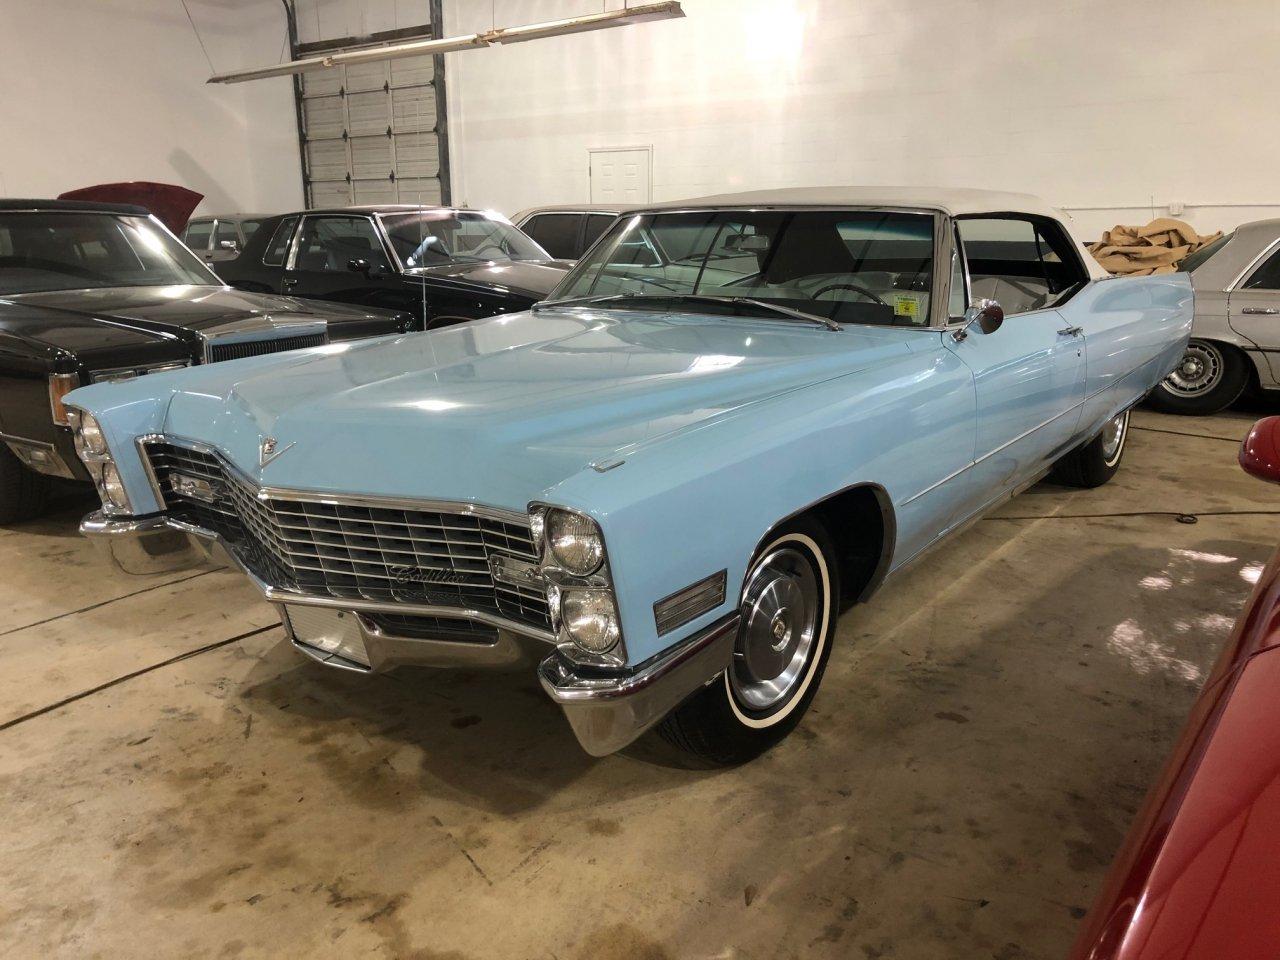 1967 Cadillac Convertible